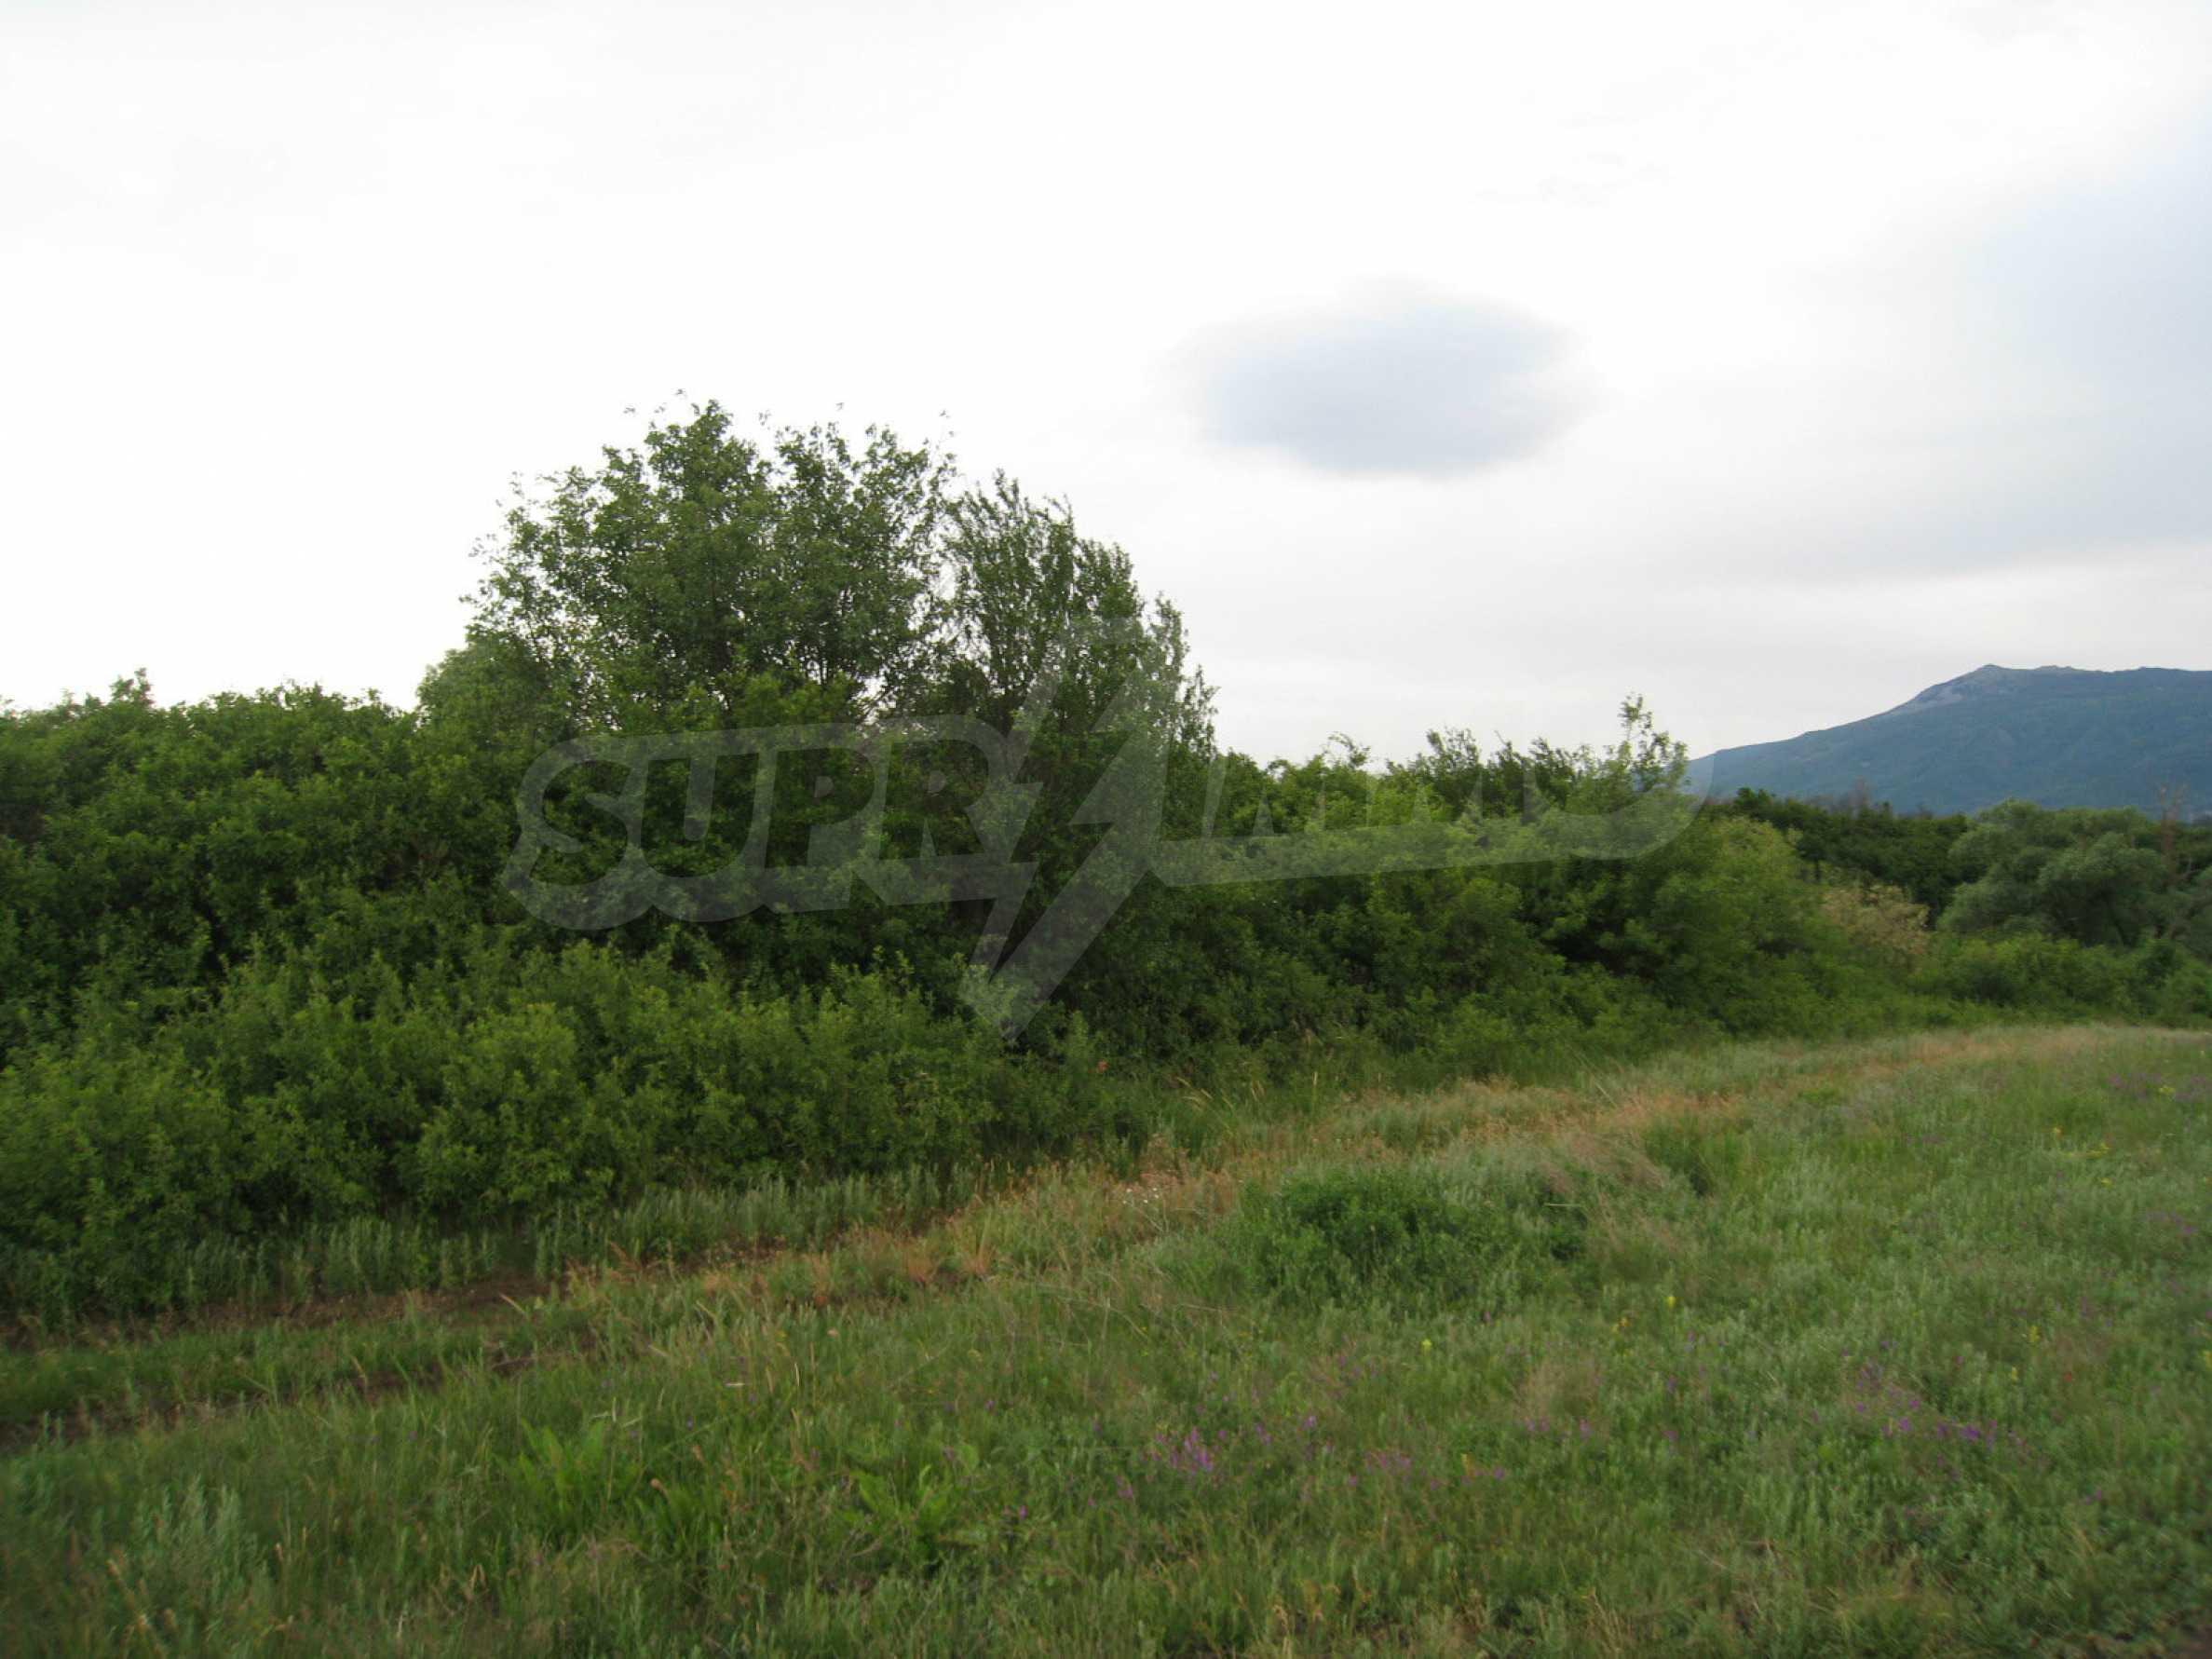 Ackerland in der Nähe eines Sees in Suhodol 11